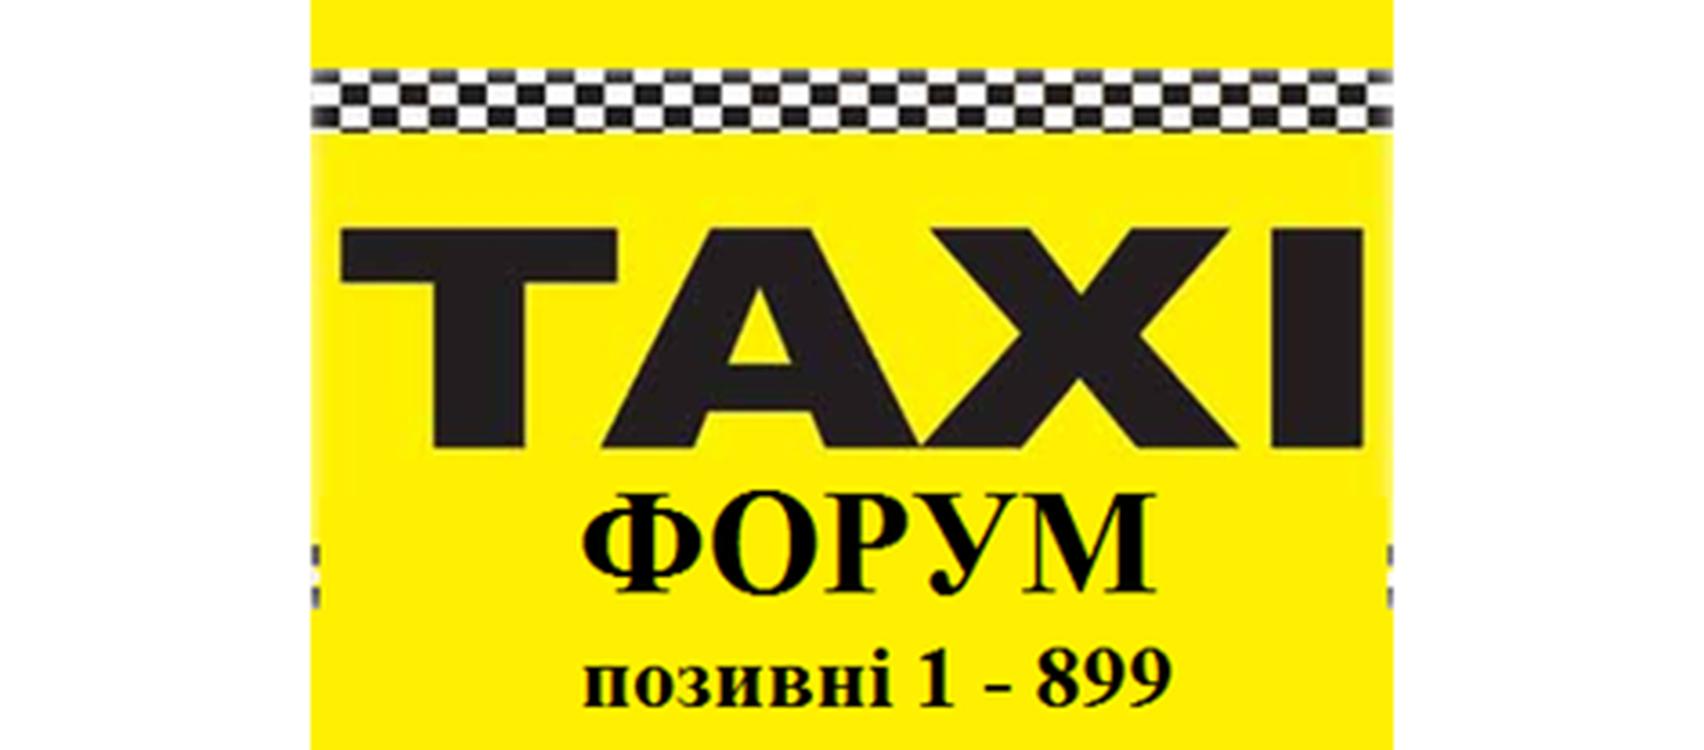 Таксі Форум  (Київ) позивні 1-899